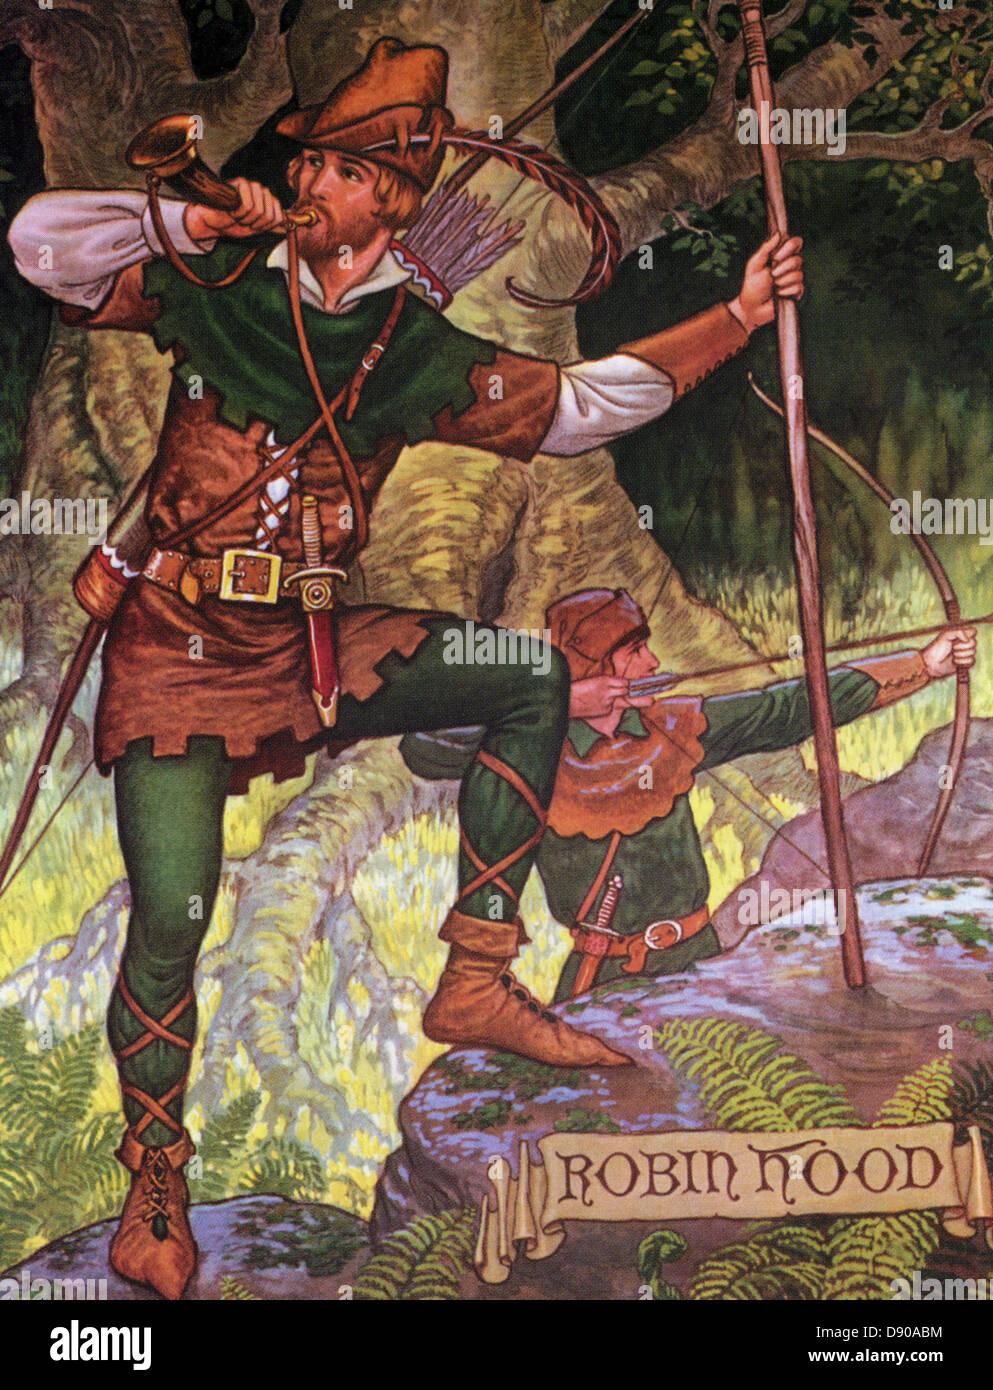 ROBIN HOOD British folklore eroe in un 1930 prenota Immagini Stock